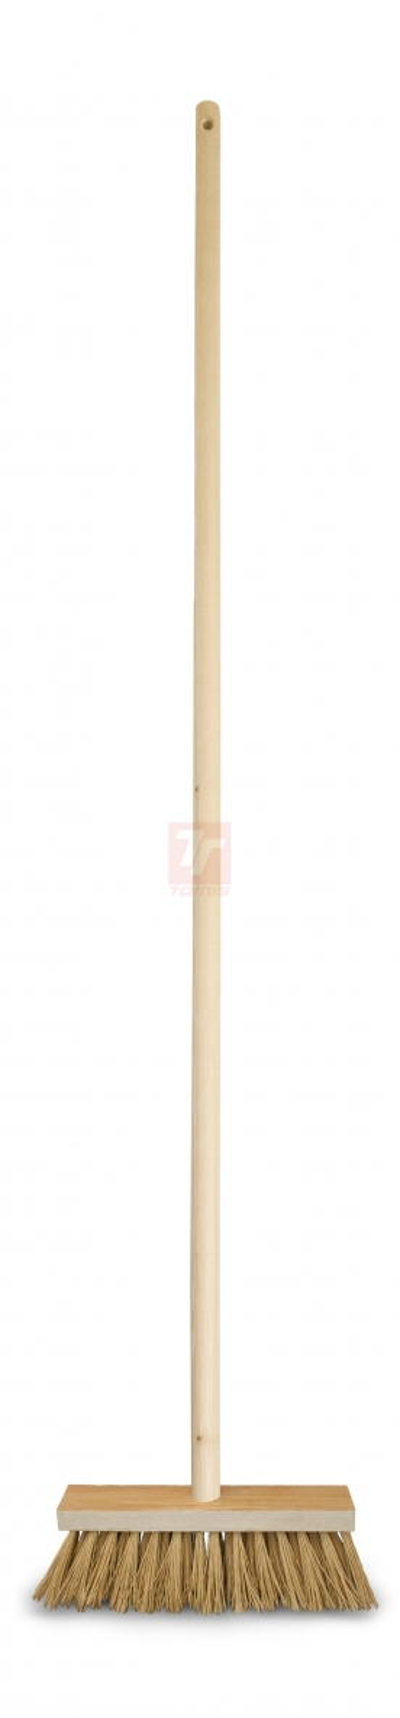 Ostatní mycí a čisticí prostředky - koště dřevěné s holí - 5039